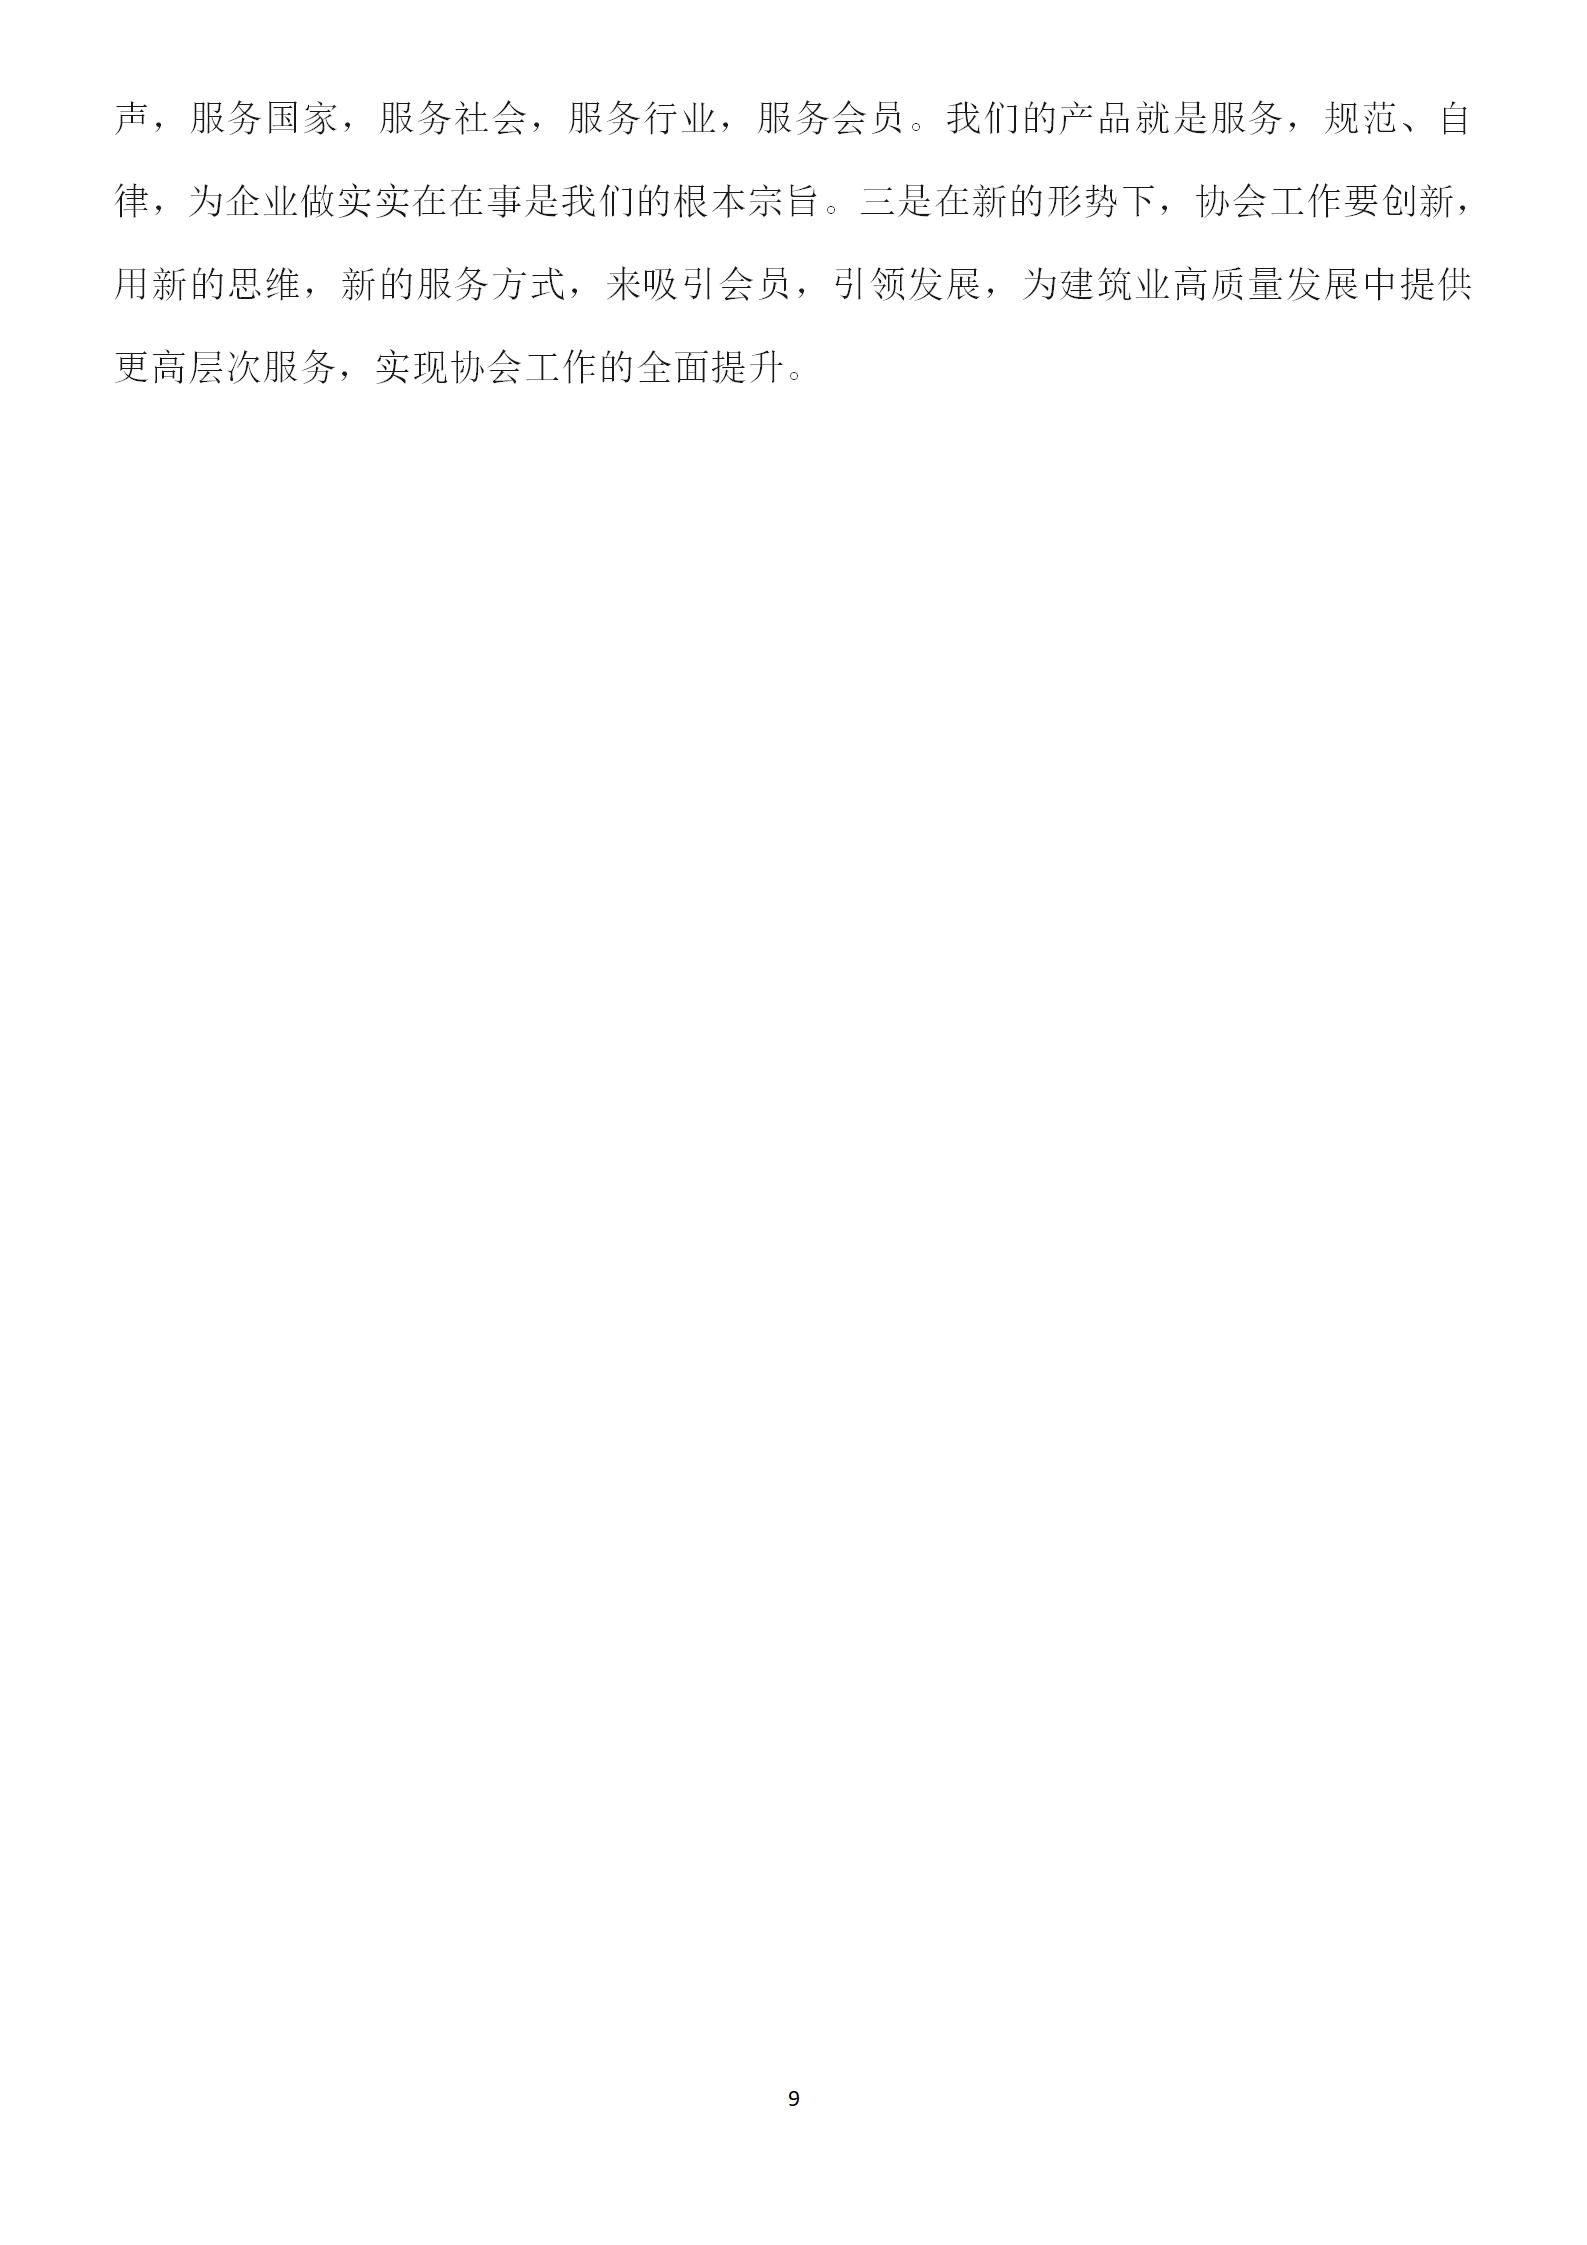 中建协副会长吴慧娟在河北省建筑业协会八届五次理事会上的讲话(1)_09.png